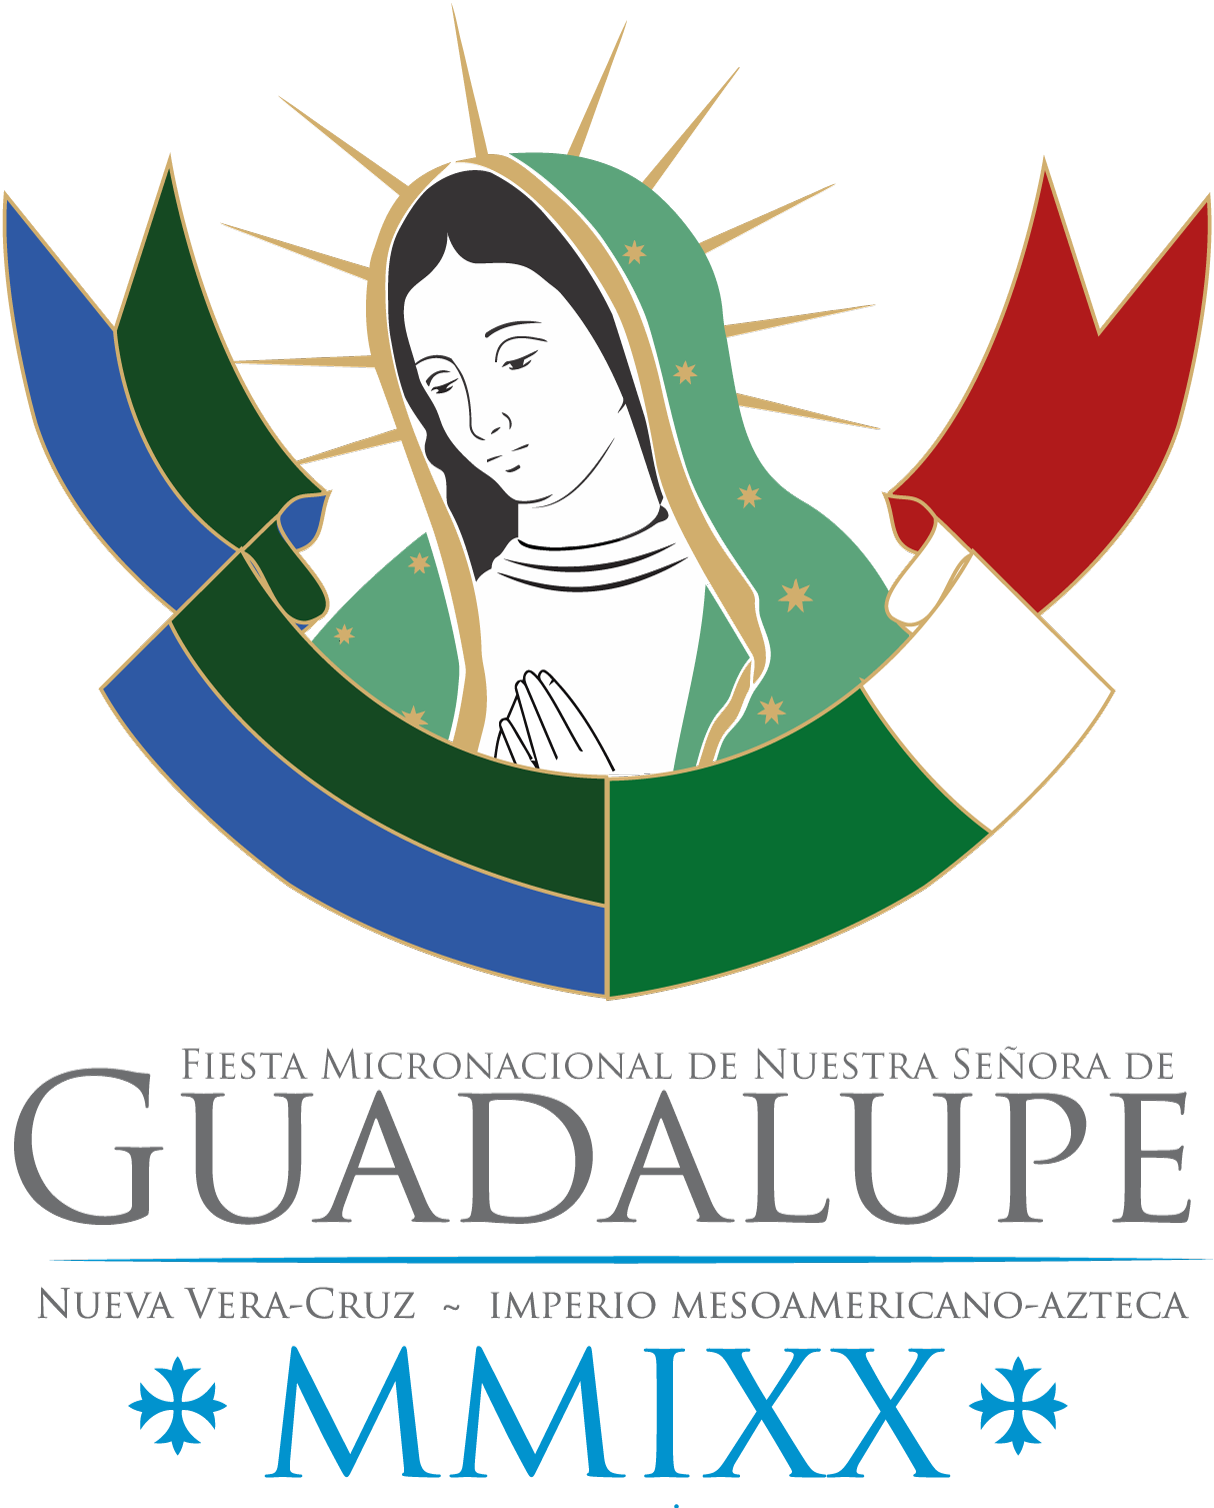 Fiesta Bimicronacional de la Virgen de Guadalupe Azteca - Nueva Vera-Cruz 12/12/19